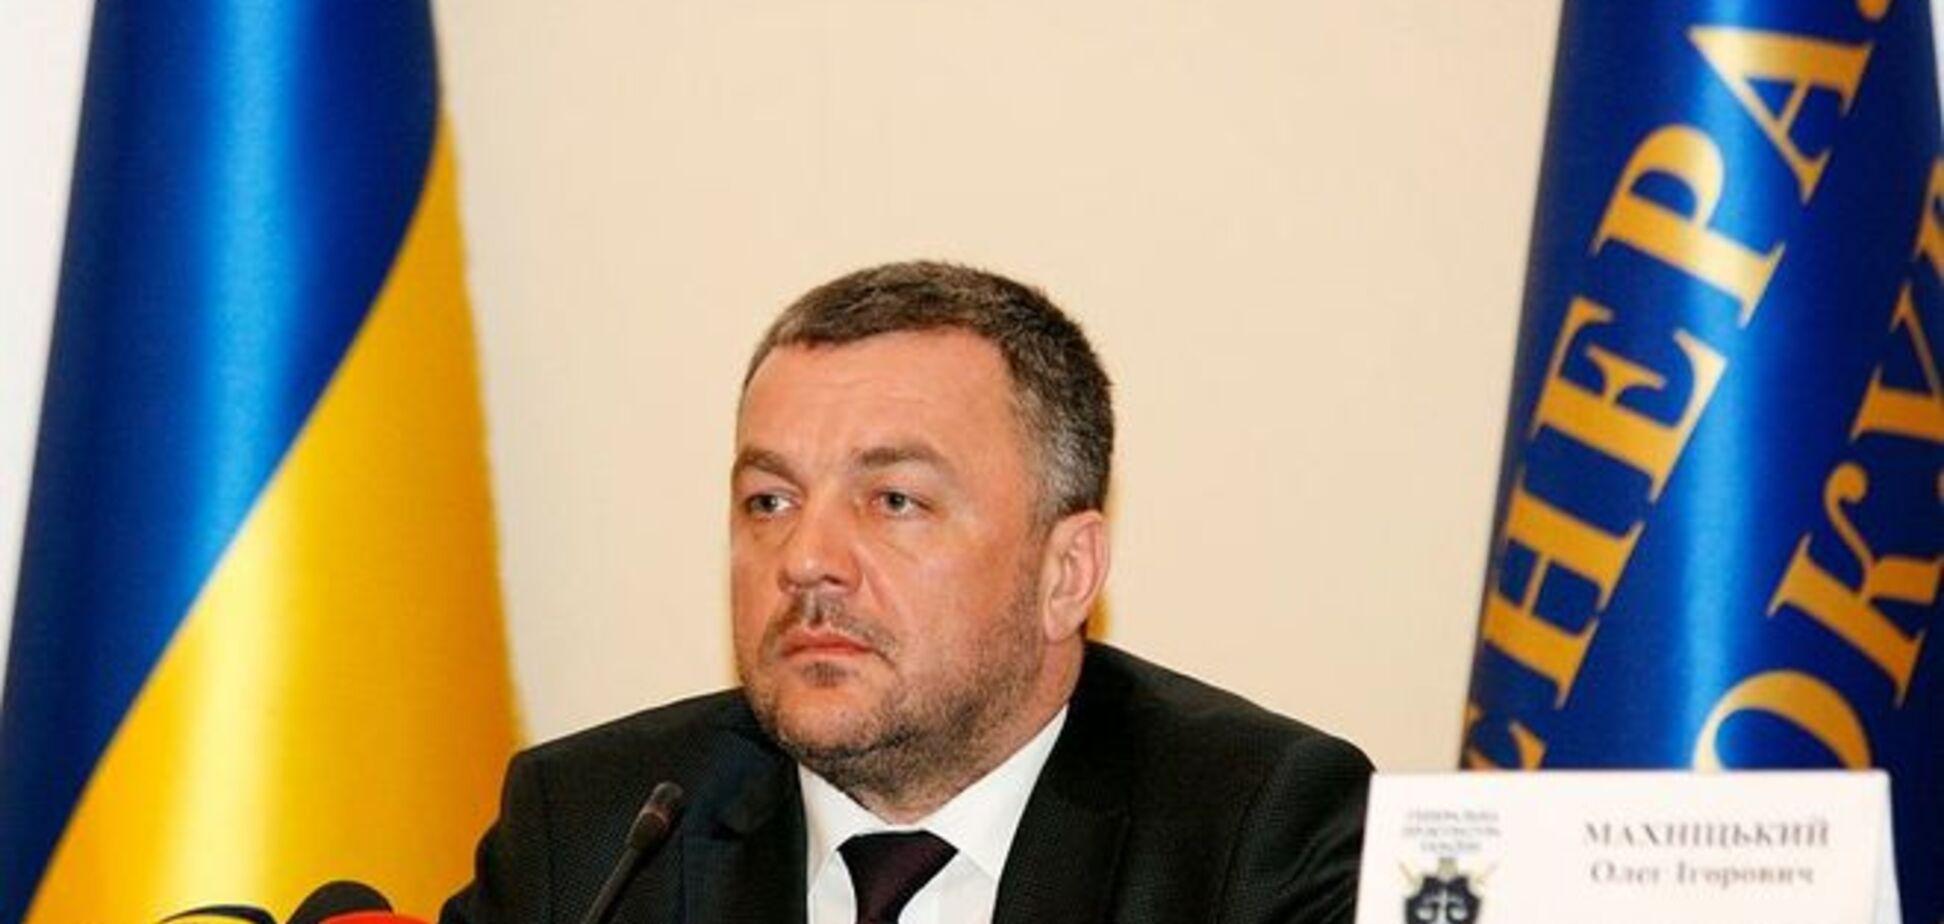 ГПУ расследует деятельность бывших украинских министров обороны